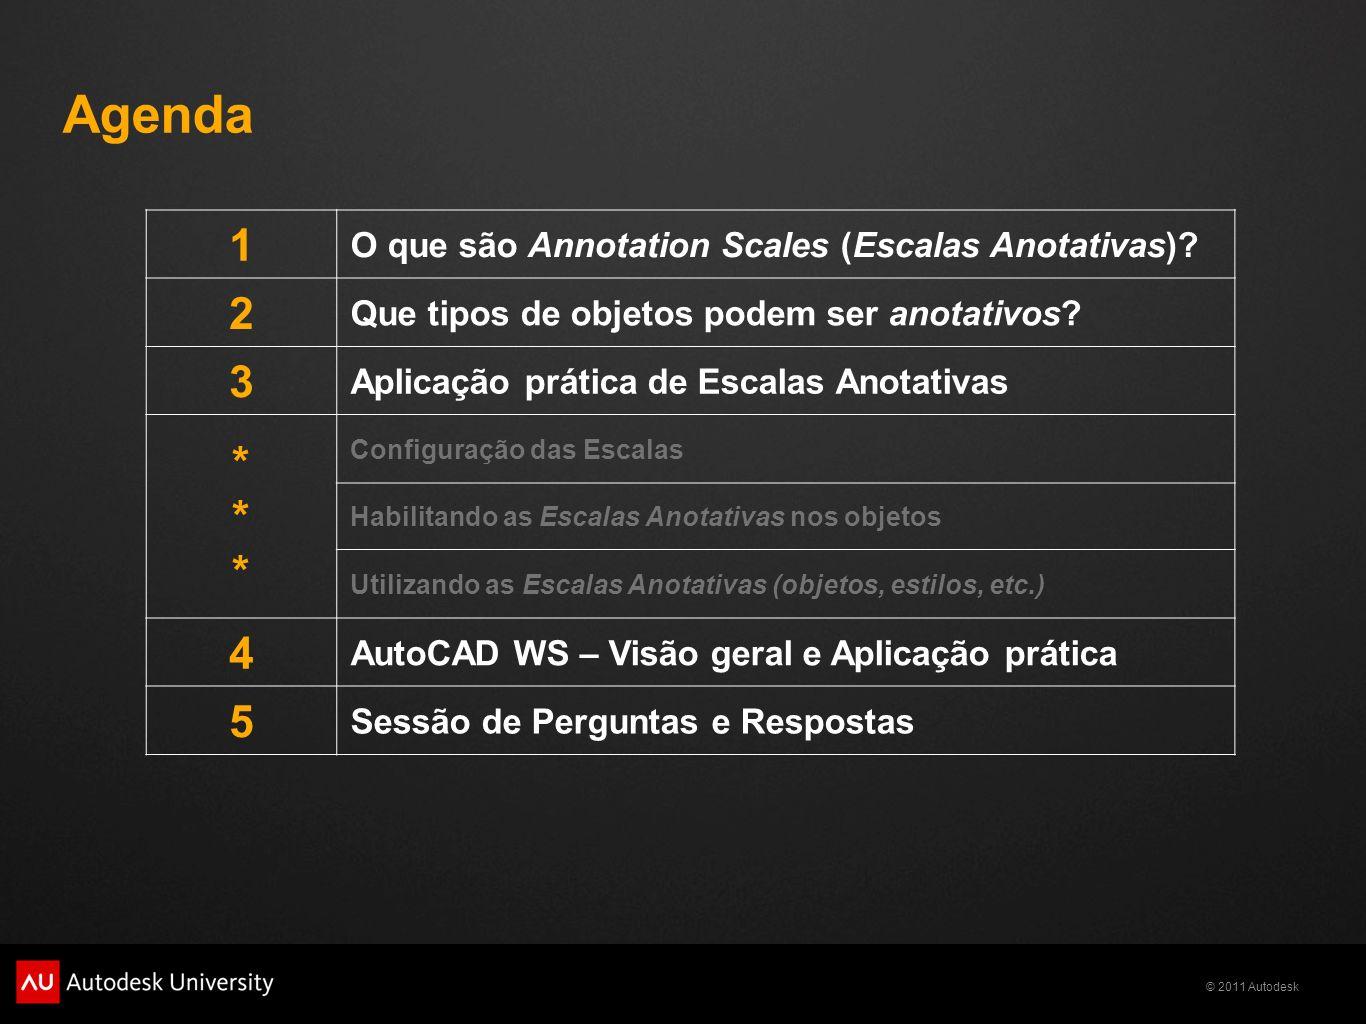 © 2011 Autodesk Agenda 1 O que são Annotation Scales (Escalas Anotativas)? 2 Que tipos de objetos podem ser anotativos? 3 Aplicação prática de Escalas